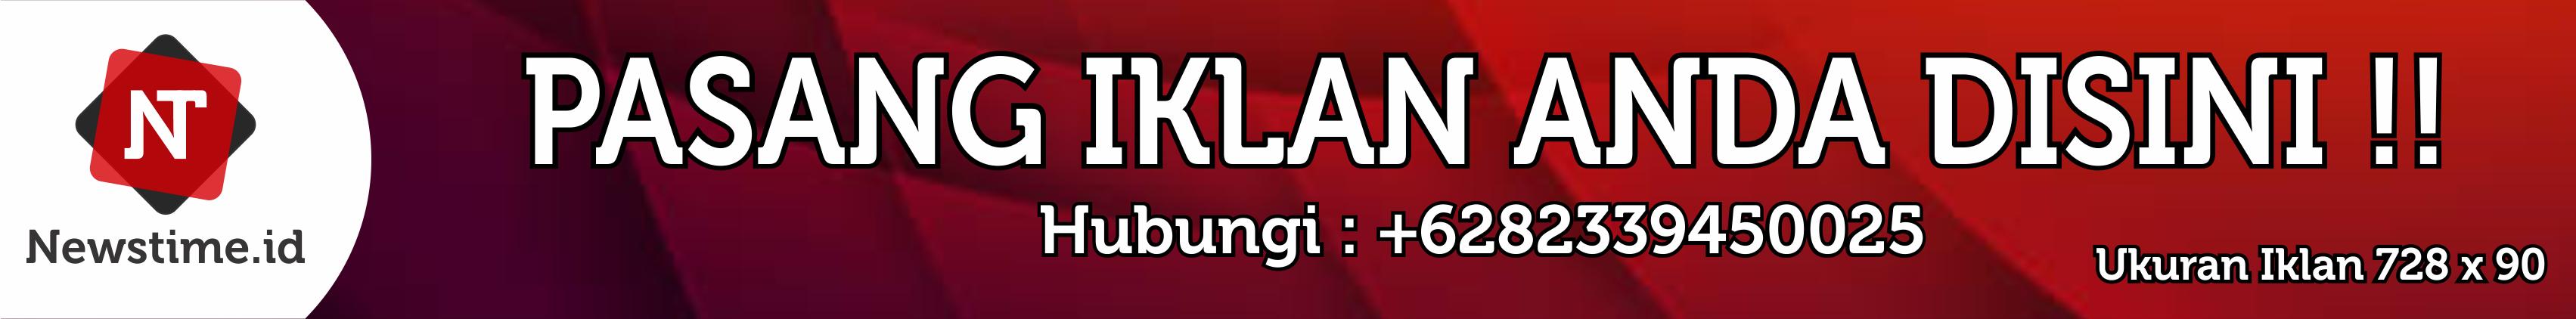 banner 920x90